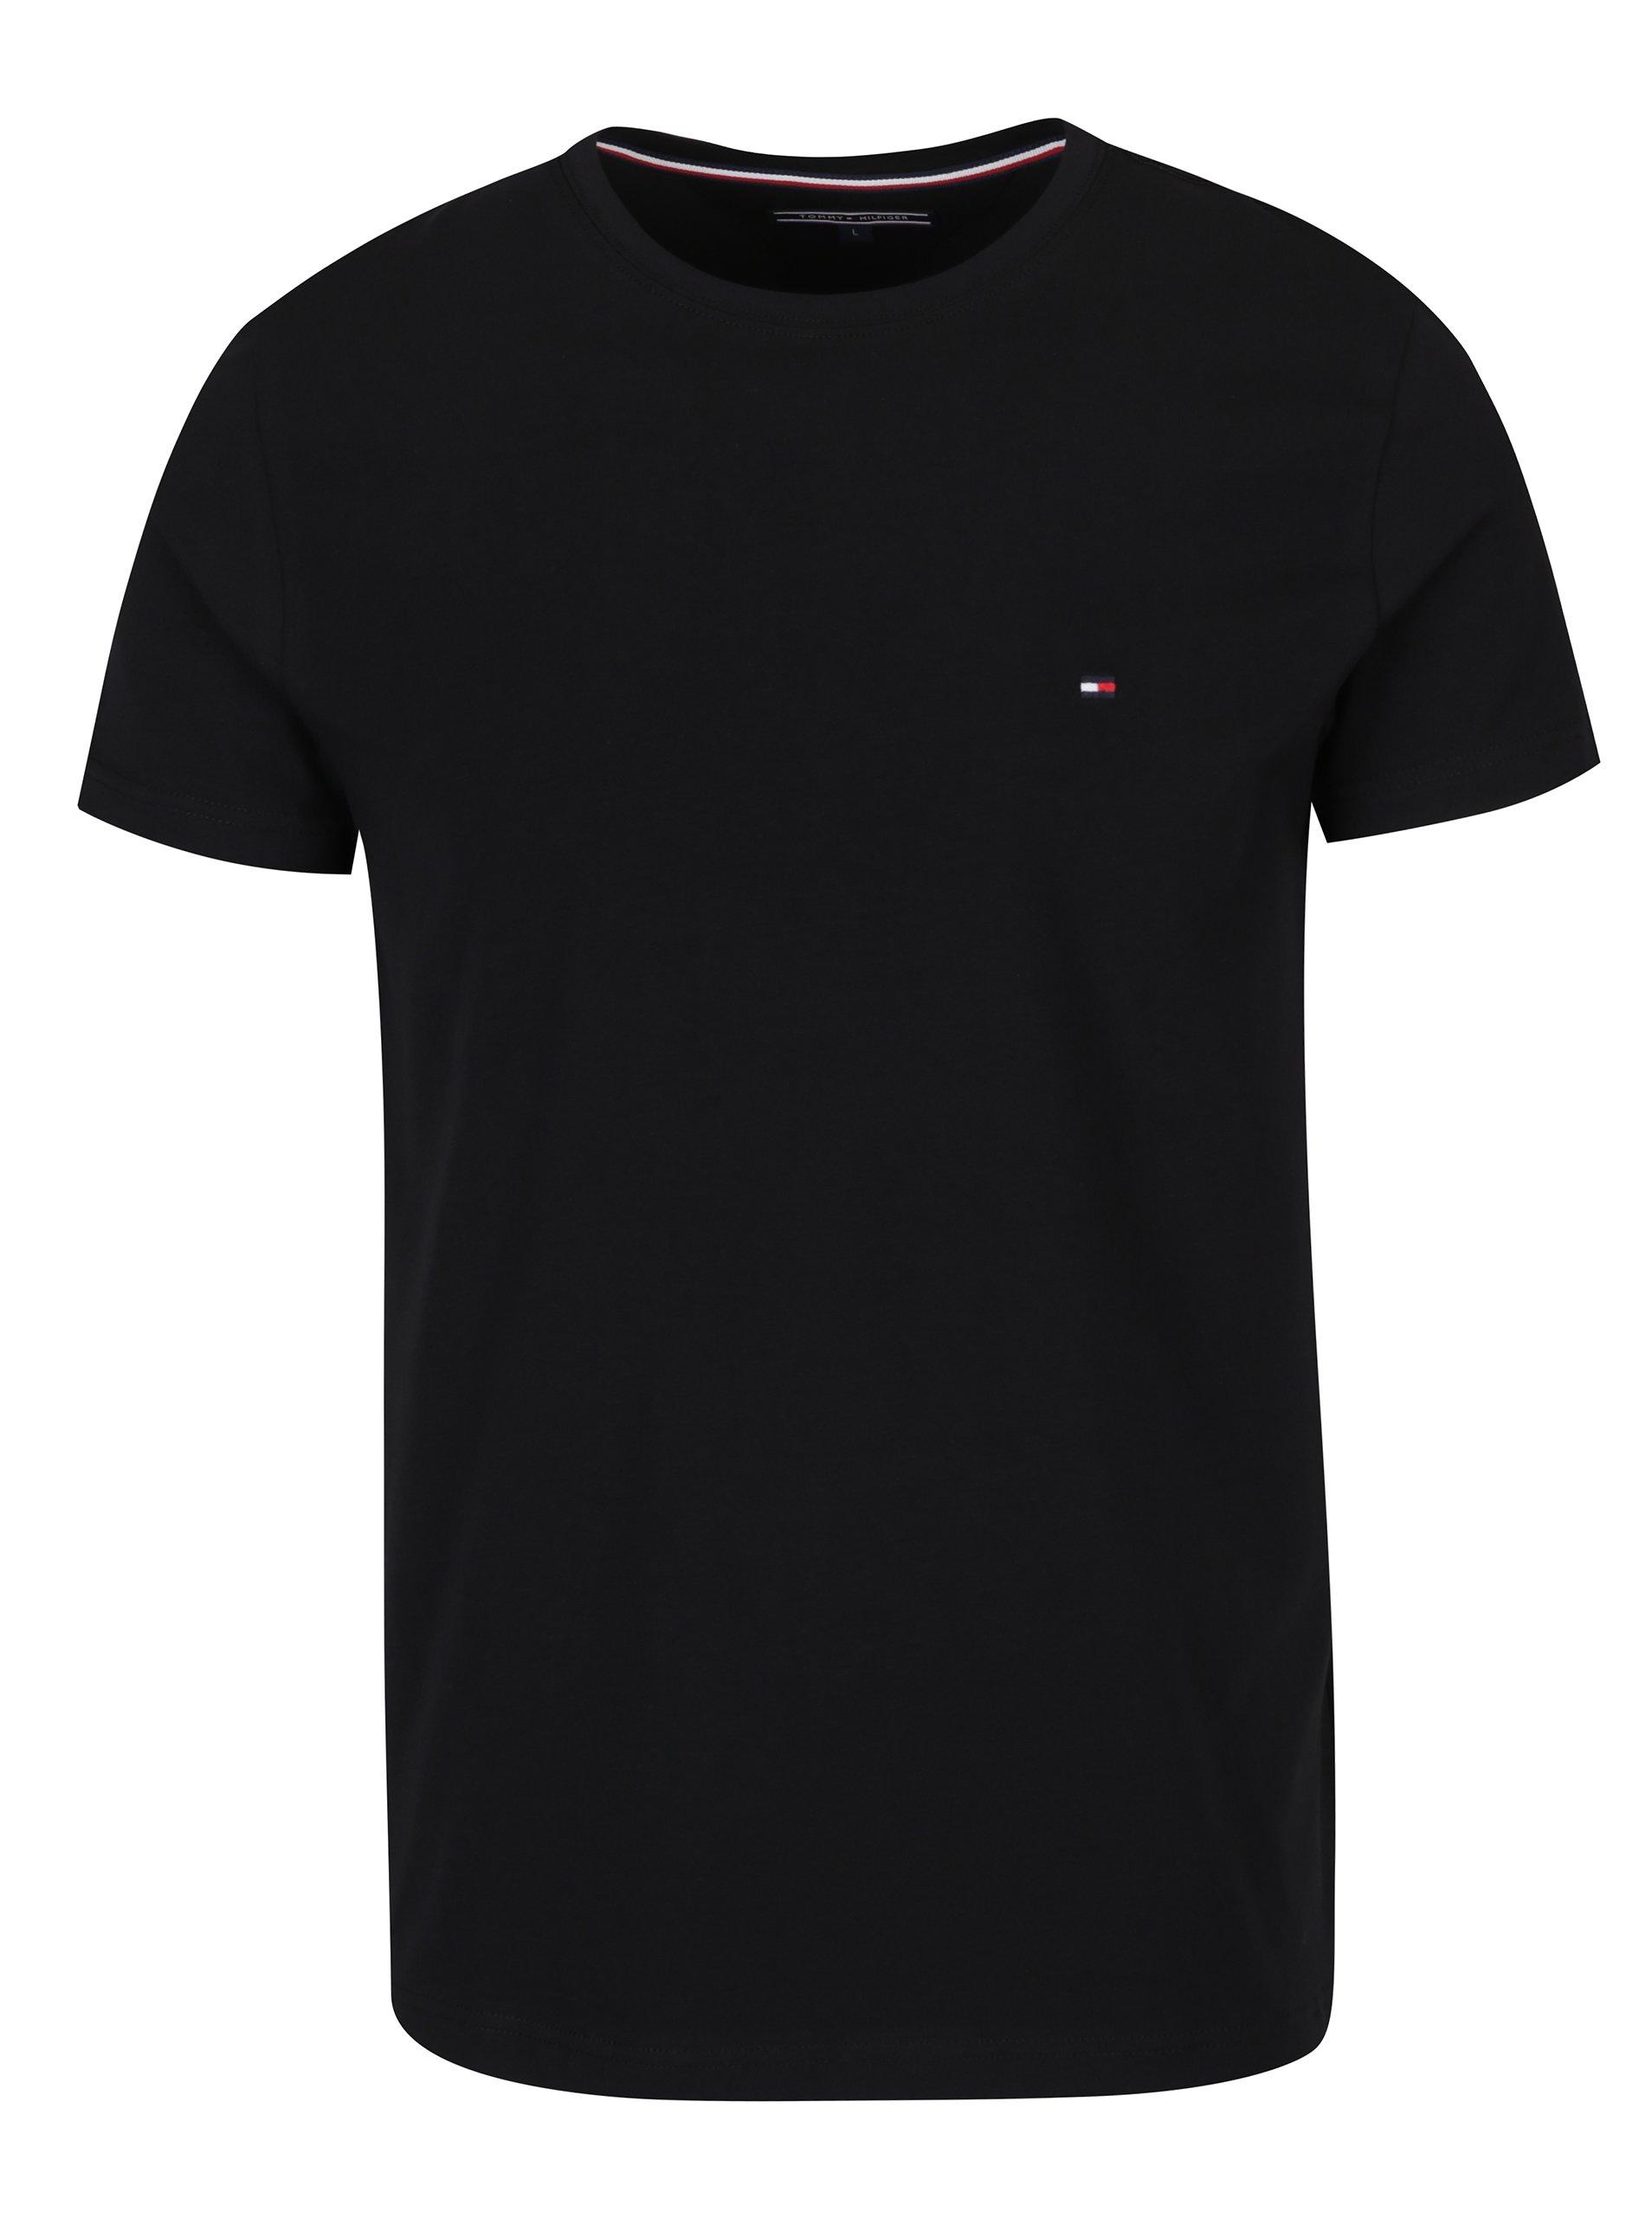 Černé pánské basic triko s krátkým rukávem Tommy Hilfiger New Stretch